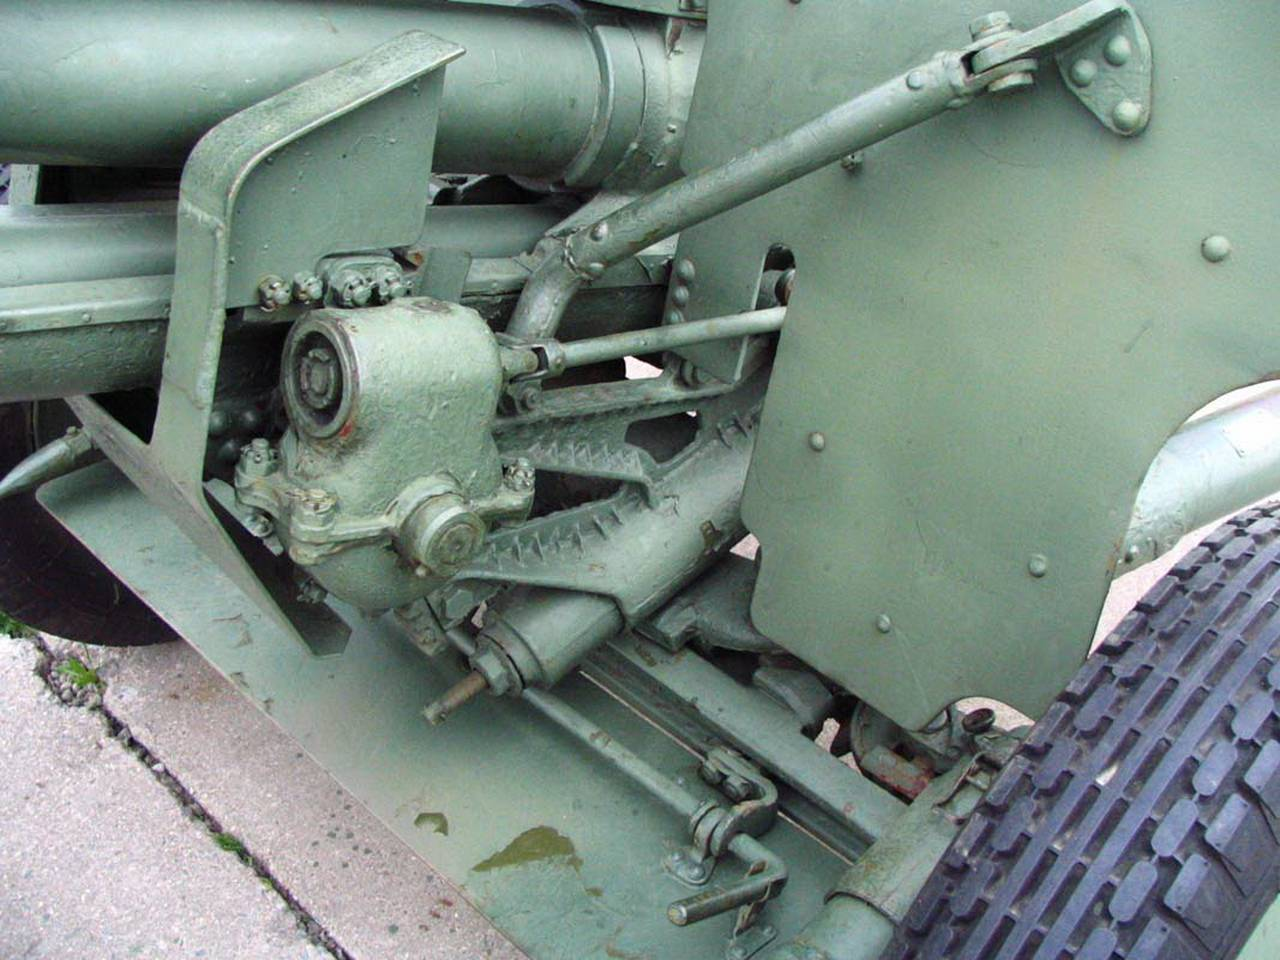 Зис - 3. 76.2 мм дивизионная пушка образца 1942 года и немецкая 75 - мм противотанковая пушка рак -40.